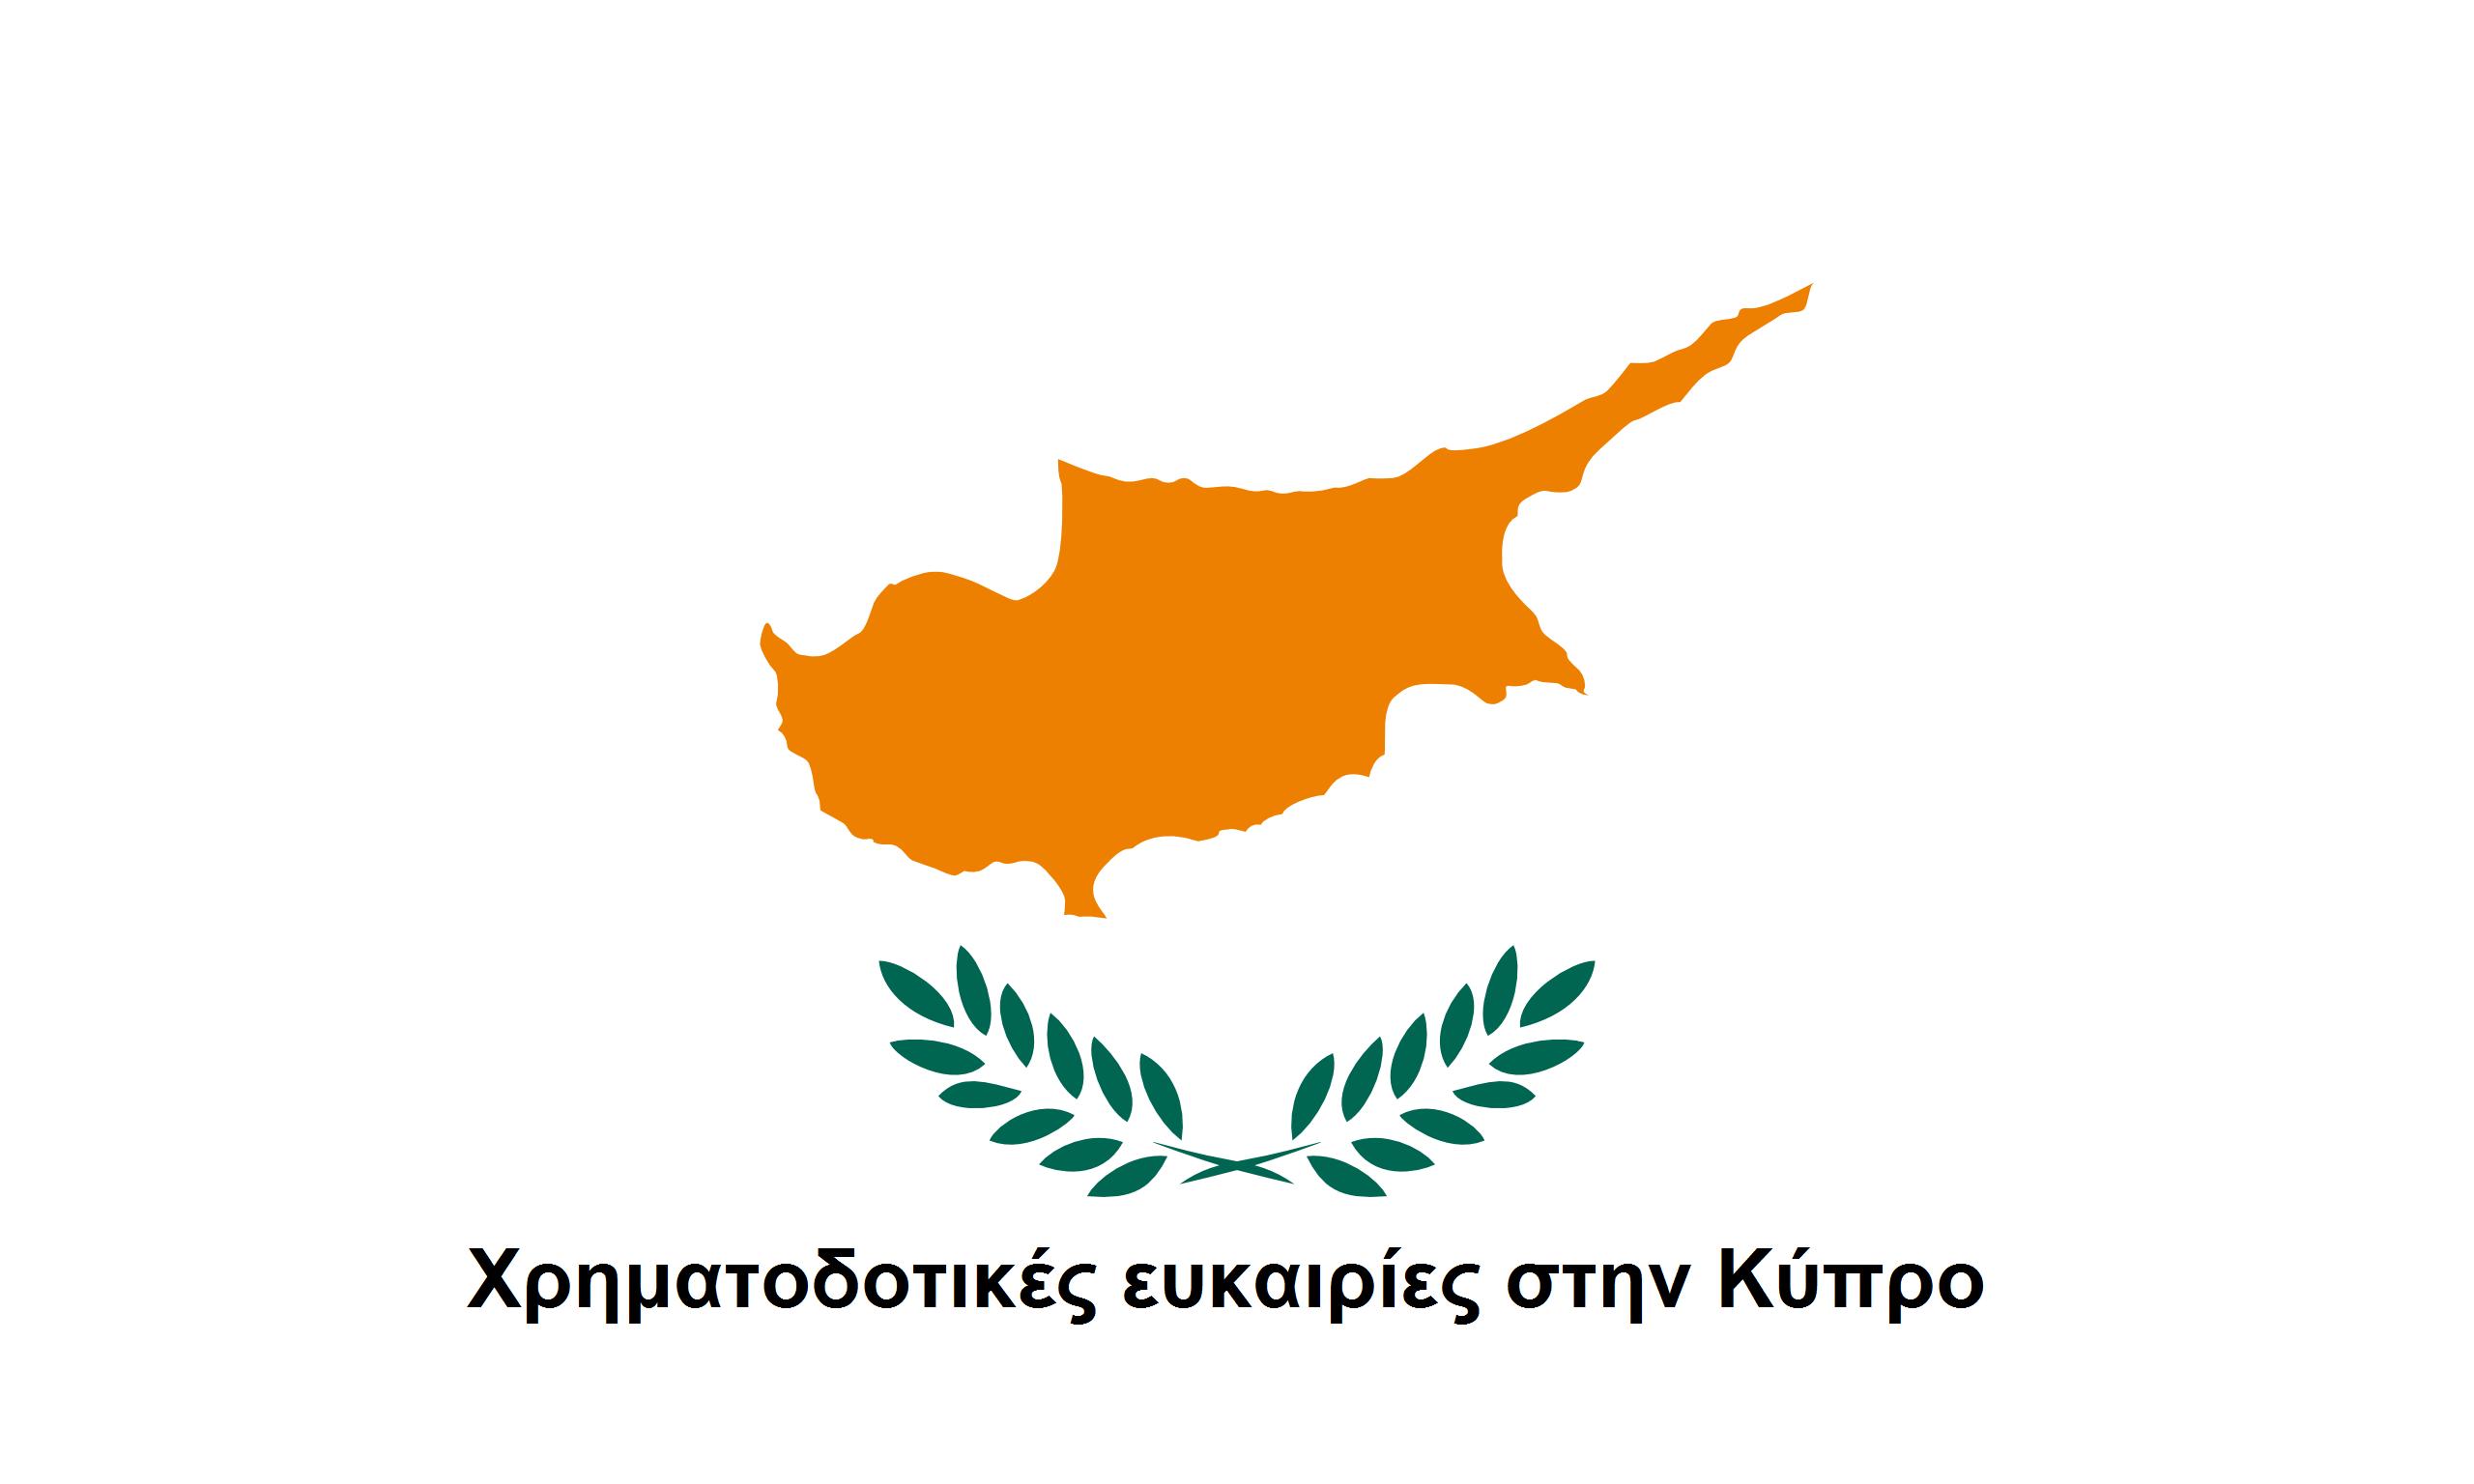 Εθνικά Σχέδια Κινήτρων - Κύπρος